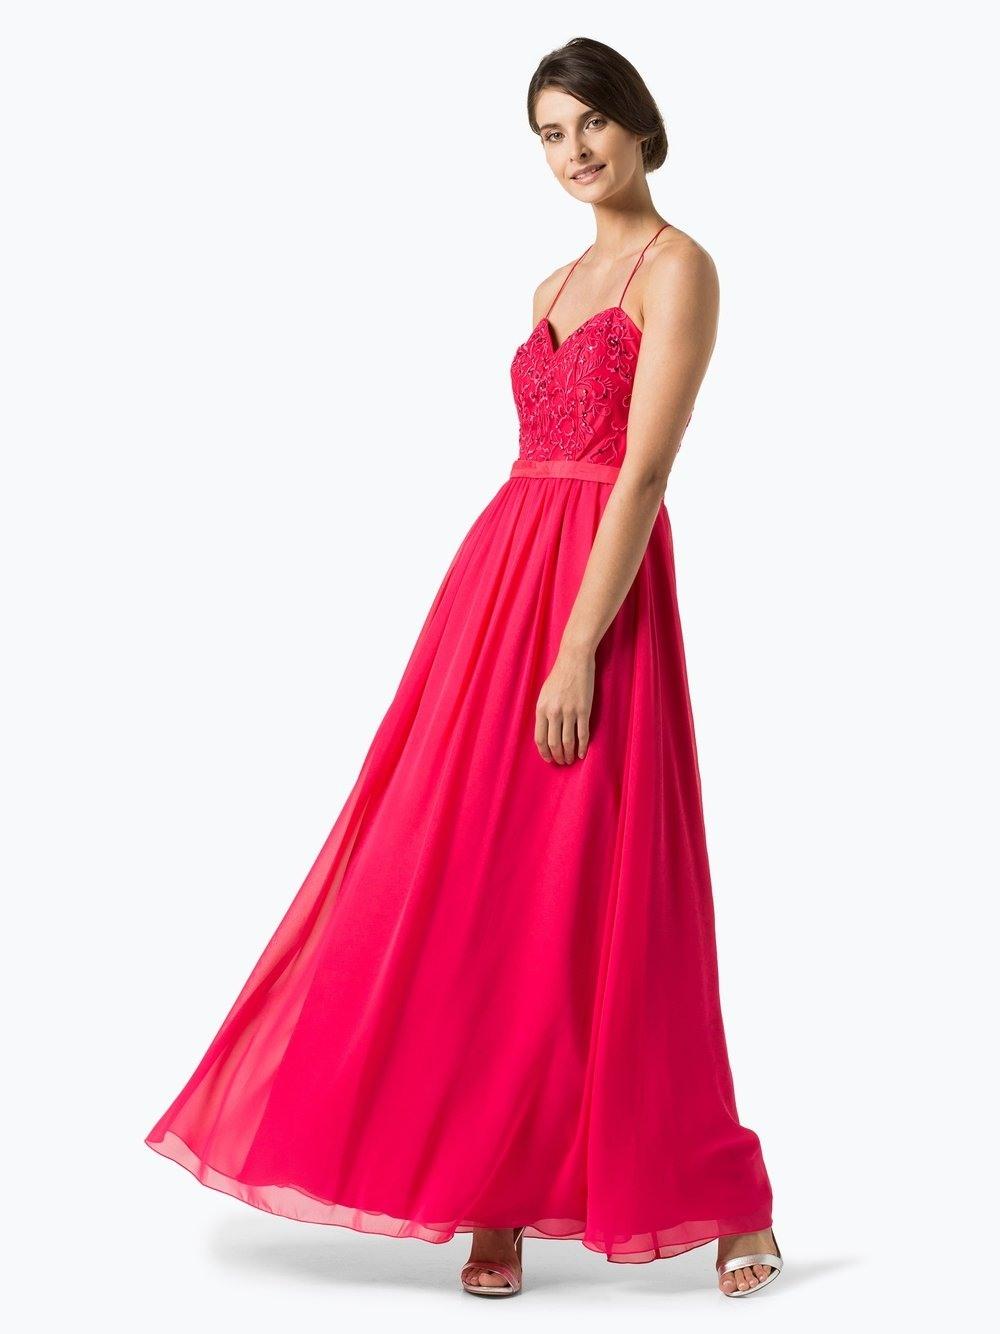 17 Luxus Abendkleid Pink Galerie Ausgezeichnet Abendkleid Pink Galerie